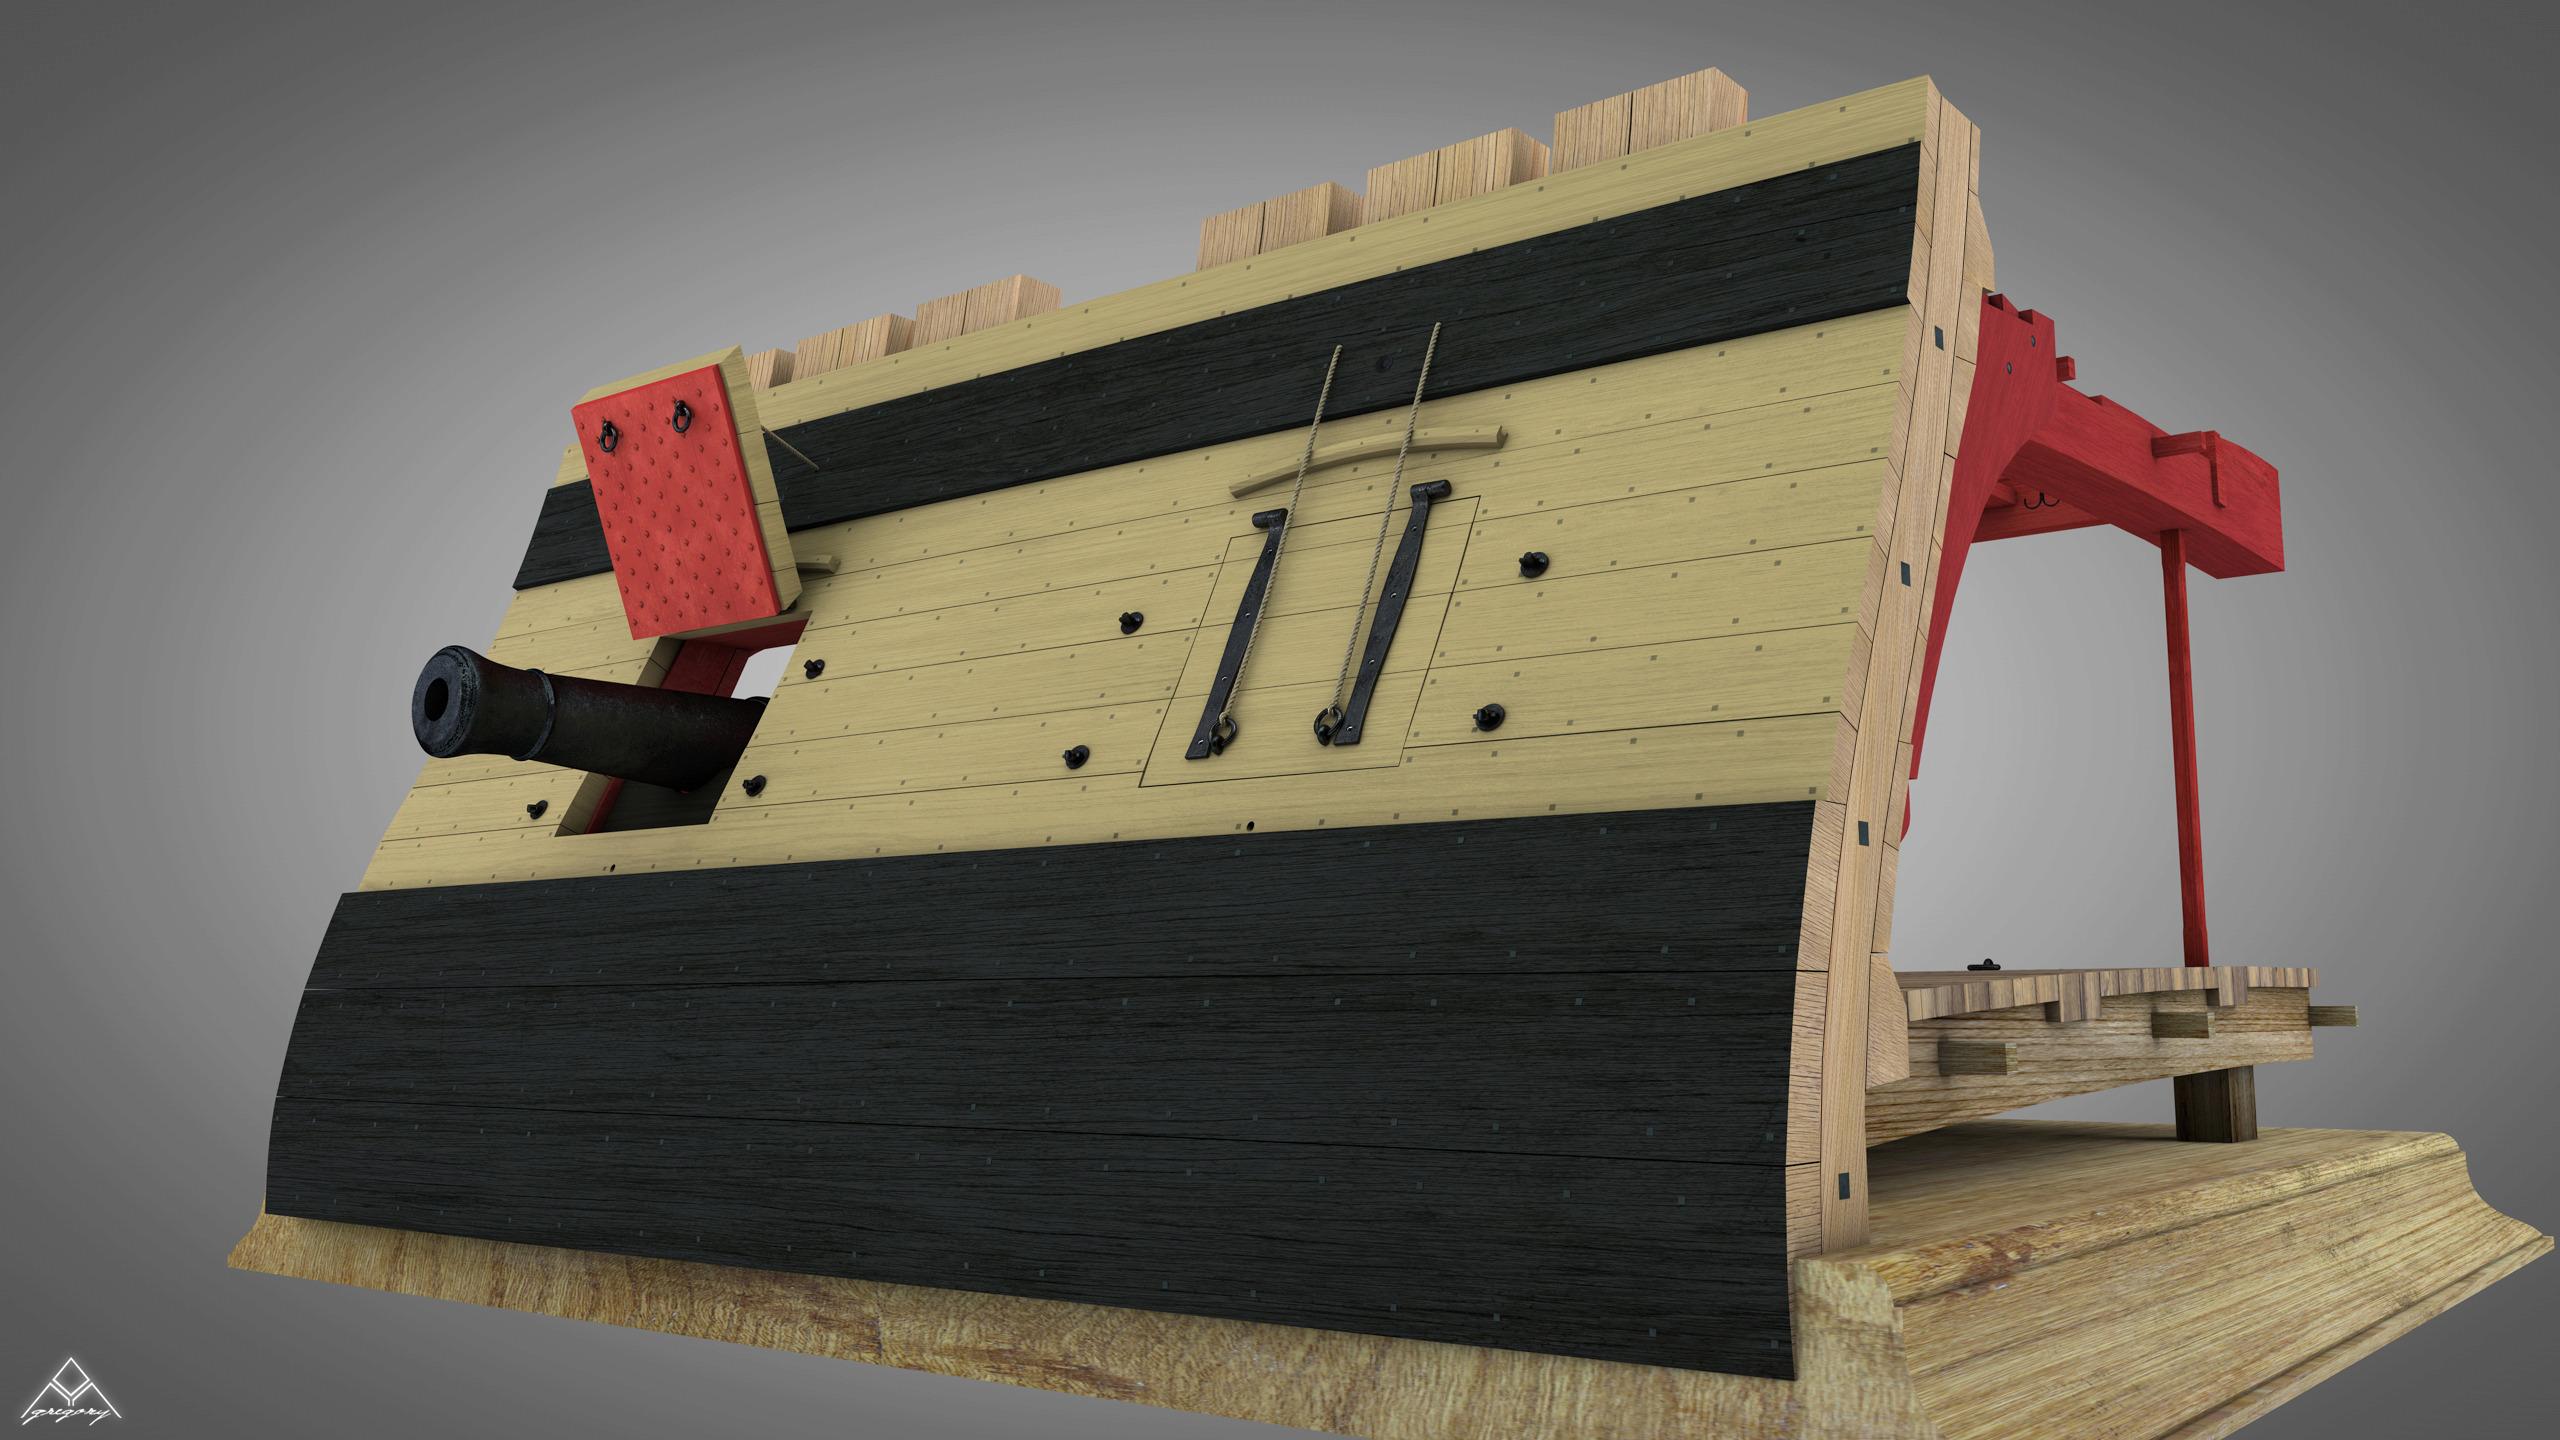 Canons de vaisseau 74 canons (Création 3D) par Greg_3D - Page 7 Rendu_80